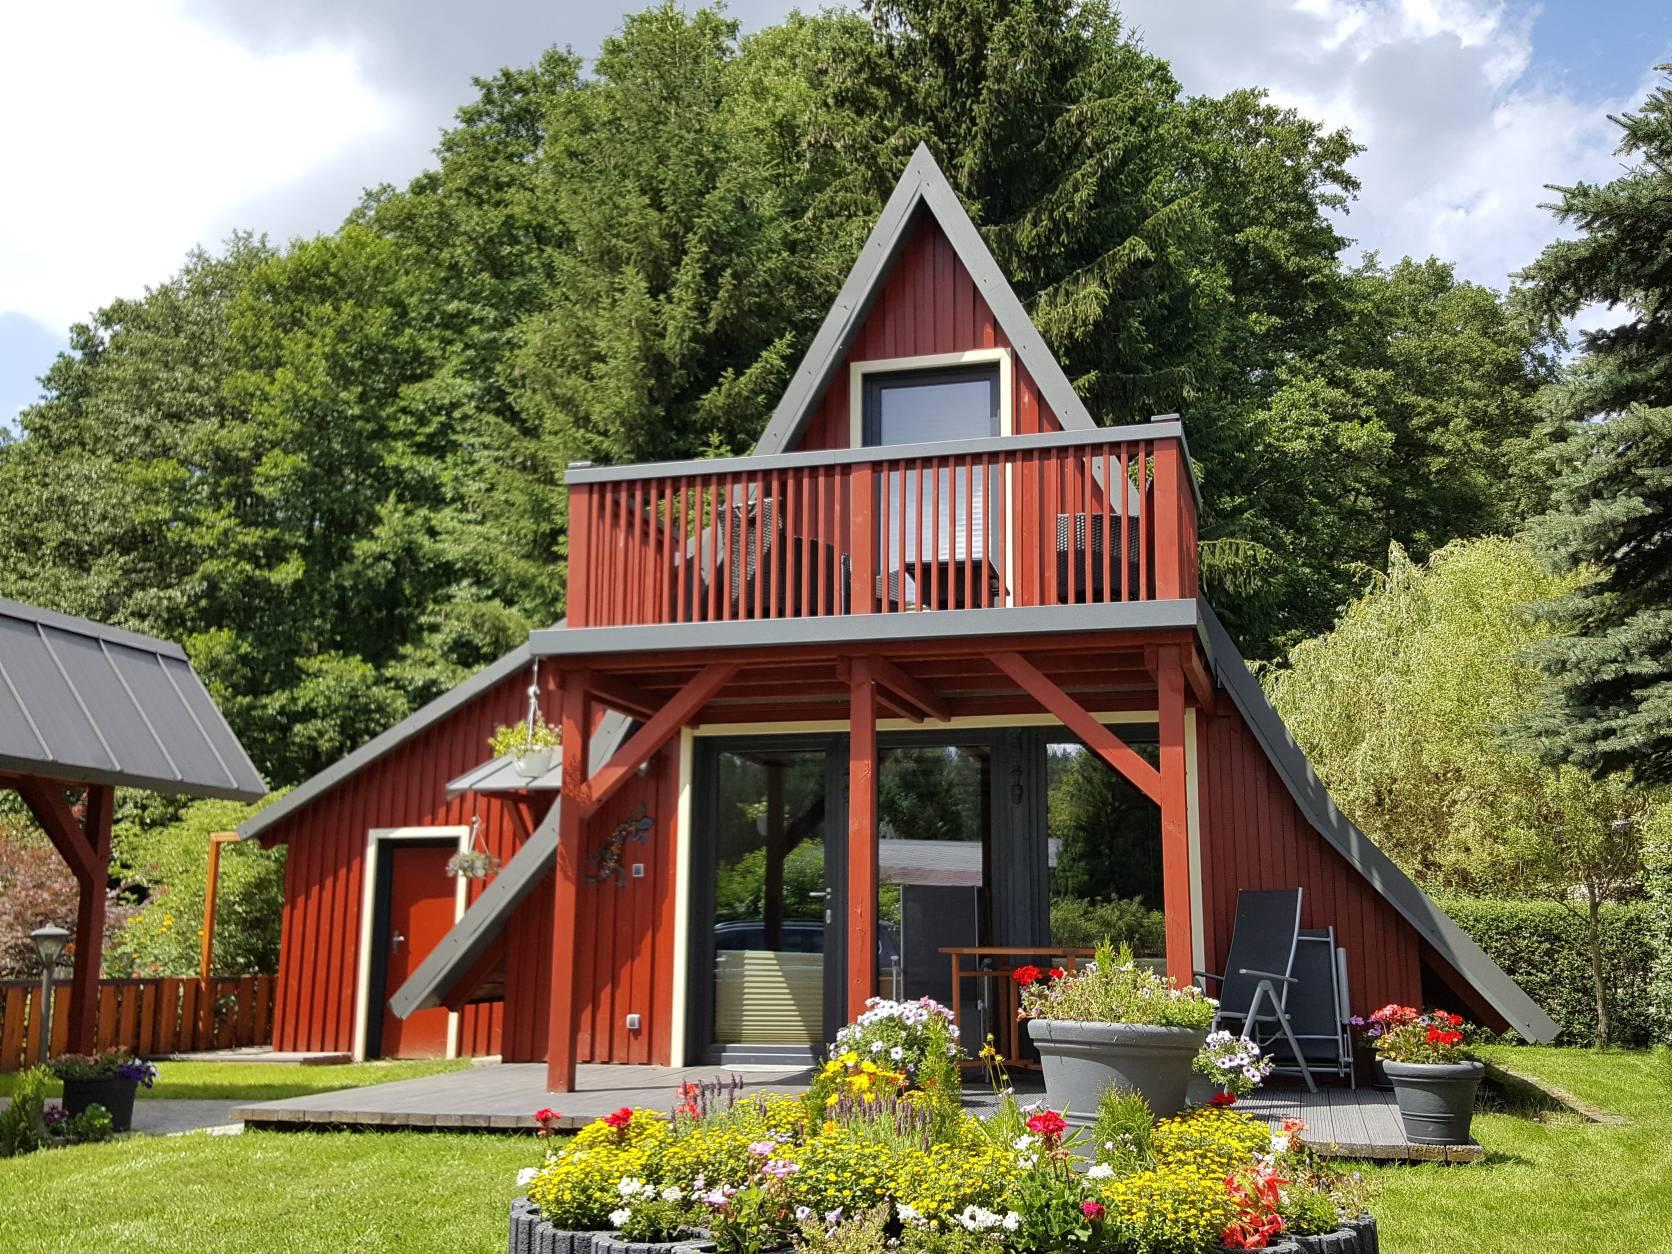 ferienhaus am l bbesee und ferienwohnung am sternhagener see in der uckermark. Black Bedroom Furniture Sets. Home Design Ideas